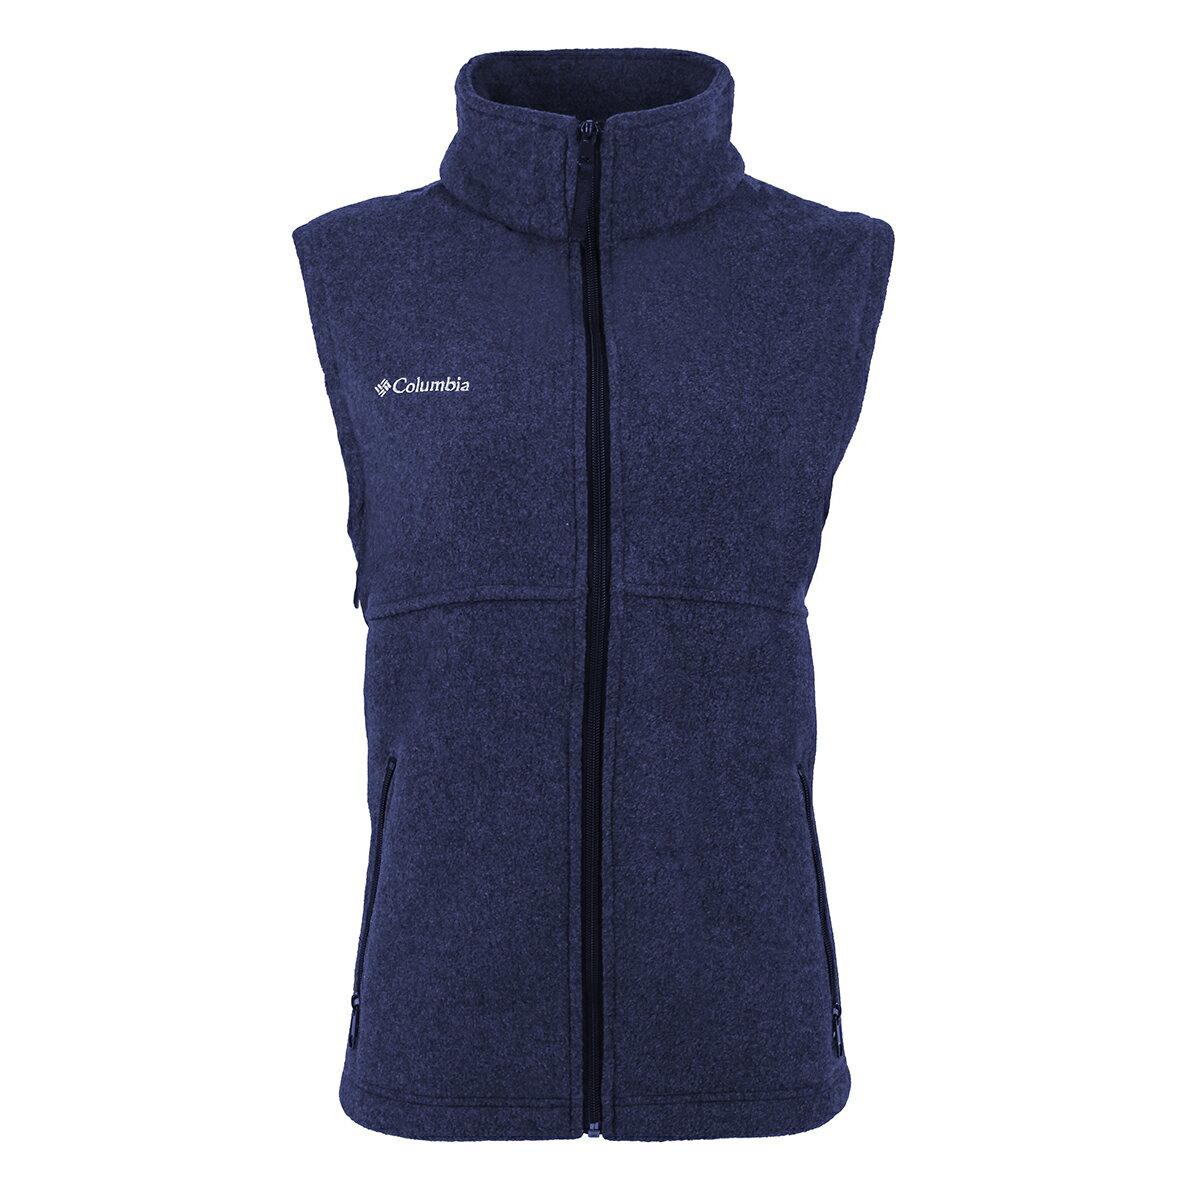 Columbia Women's Fern Creek Full-Zip Fleece Vest